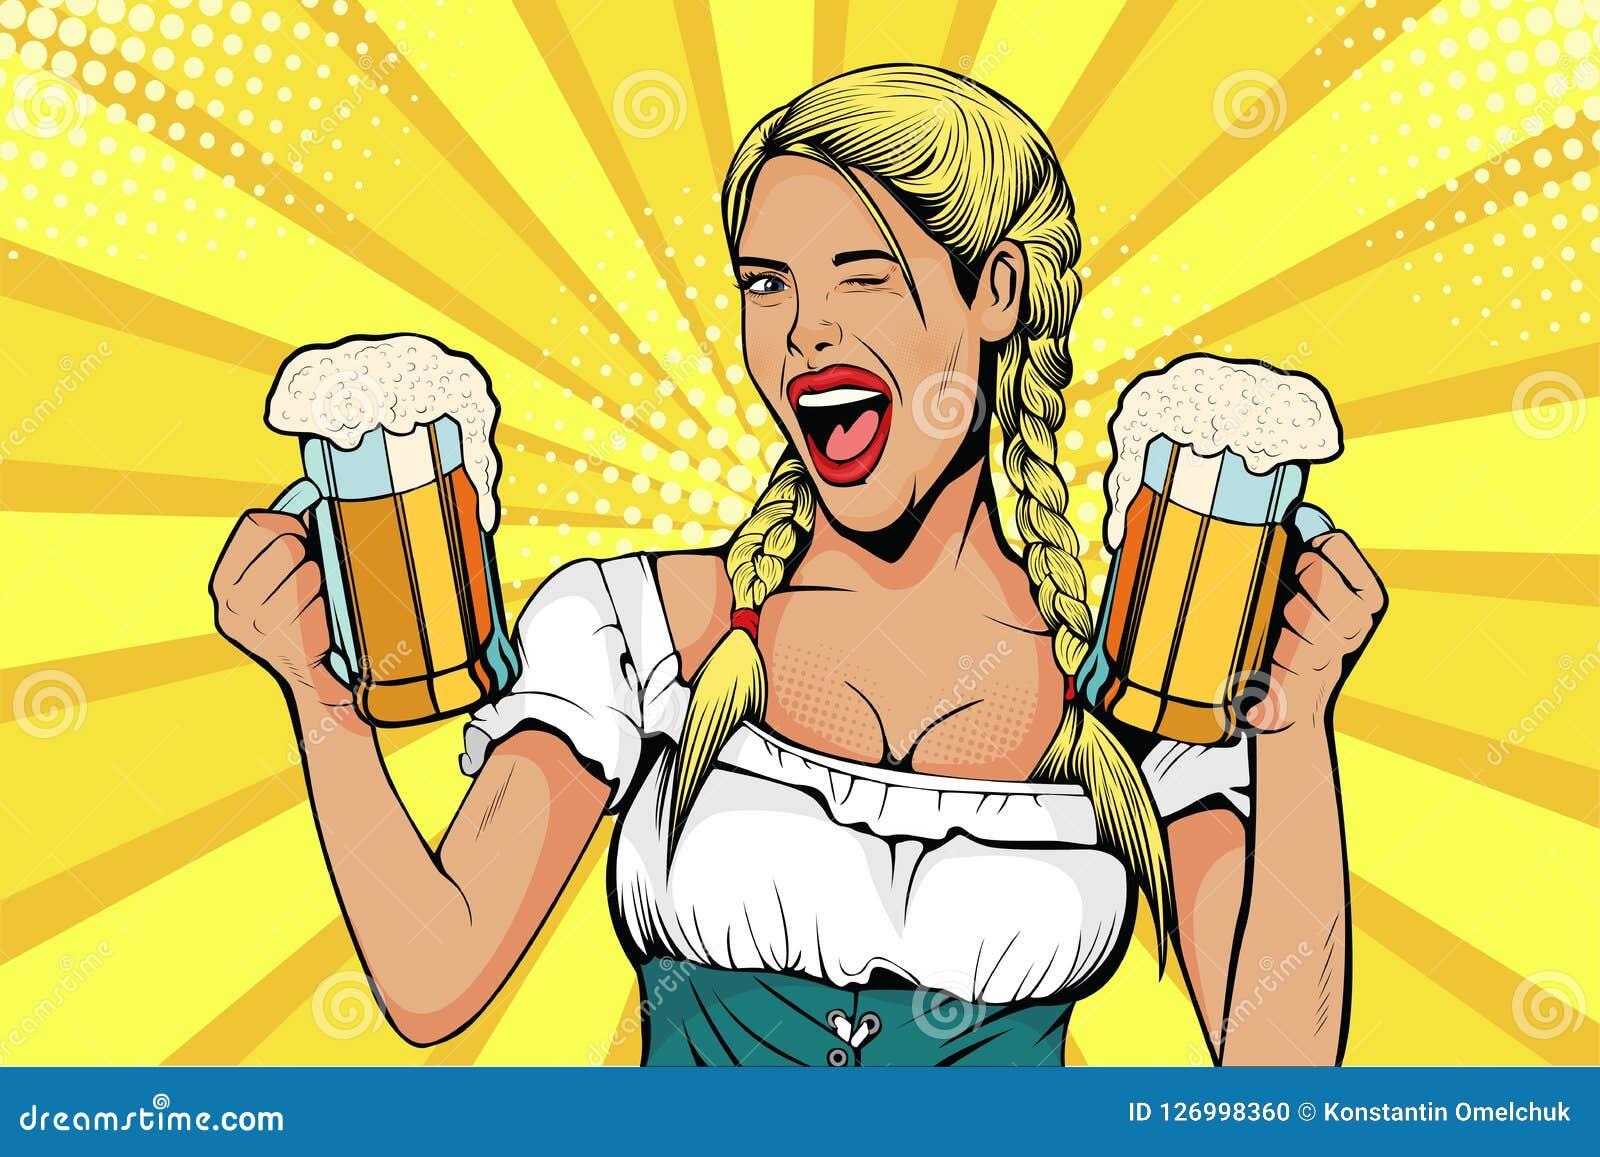 Wystrzał sztuki Niemcy dziewczyny kelnerka niesie piwnych szkła świętowanie oktoberfest